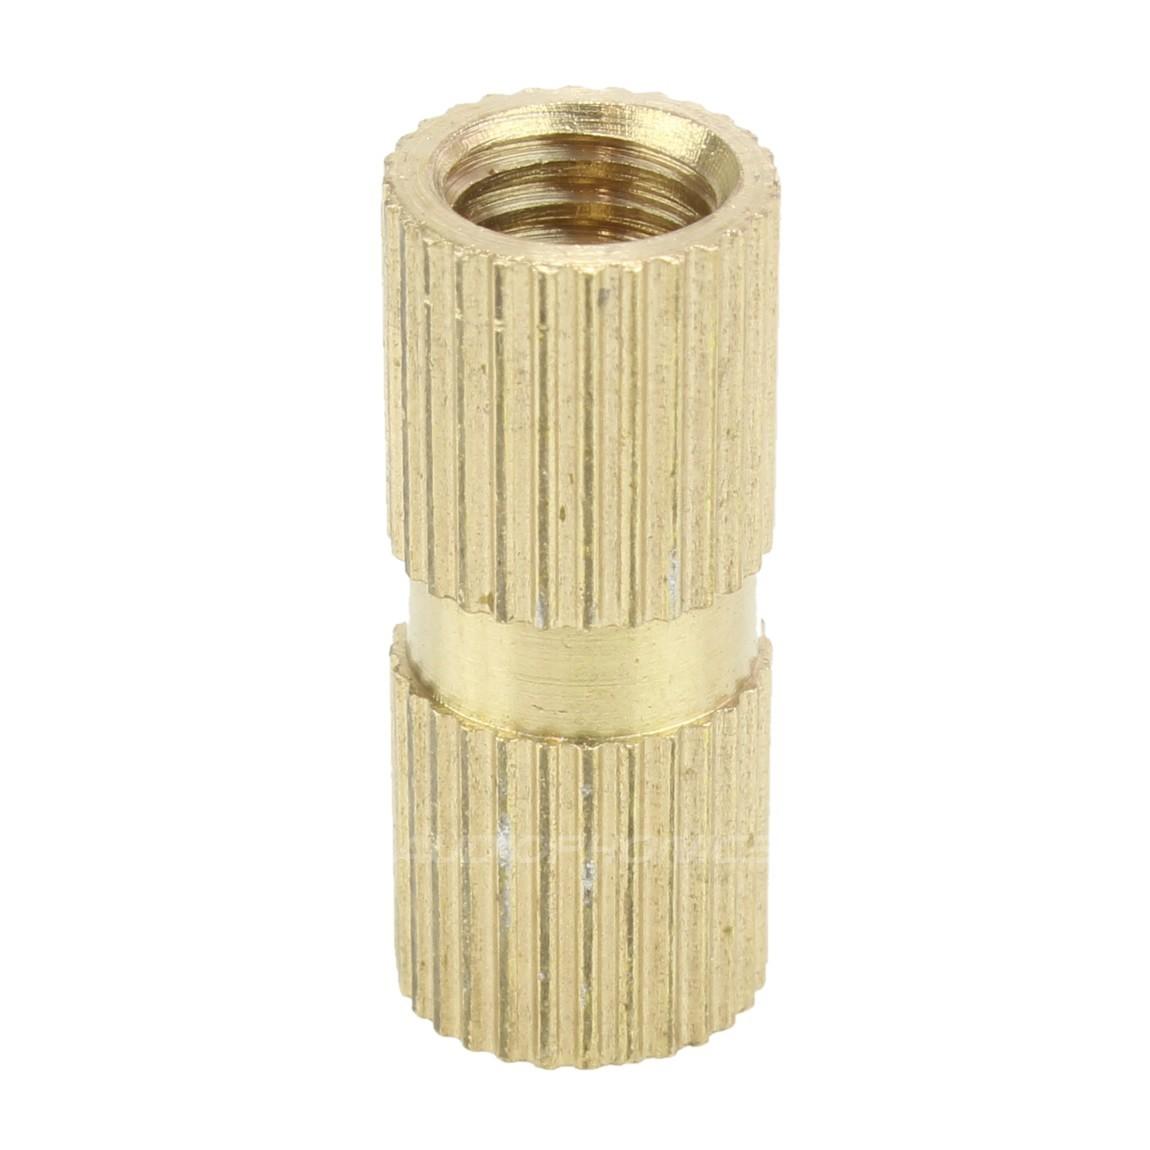 Insert en laiton pour bois filetage M6x20x8mm (Unité)